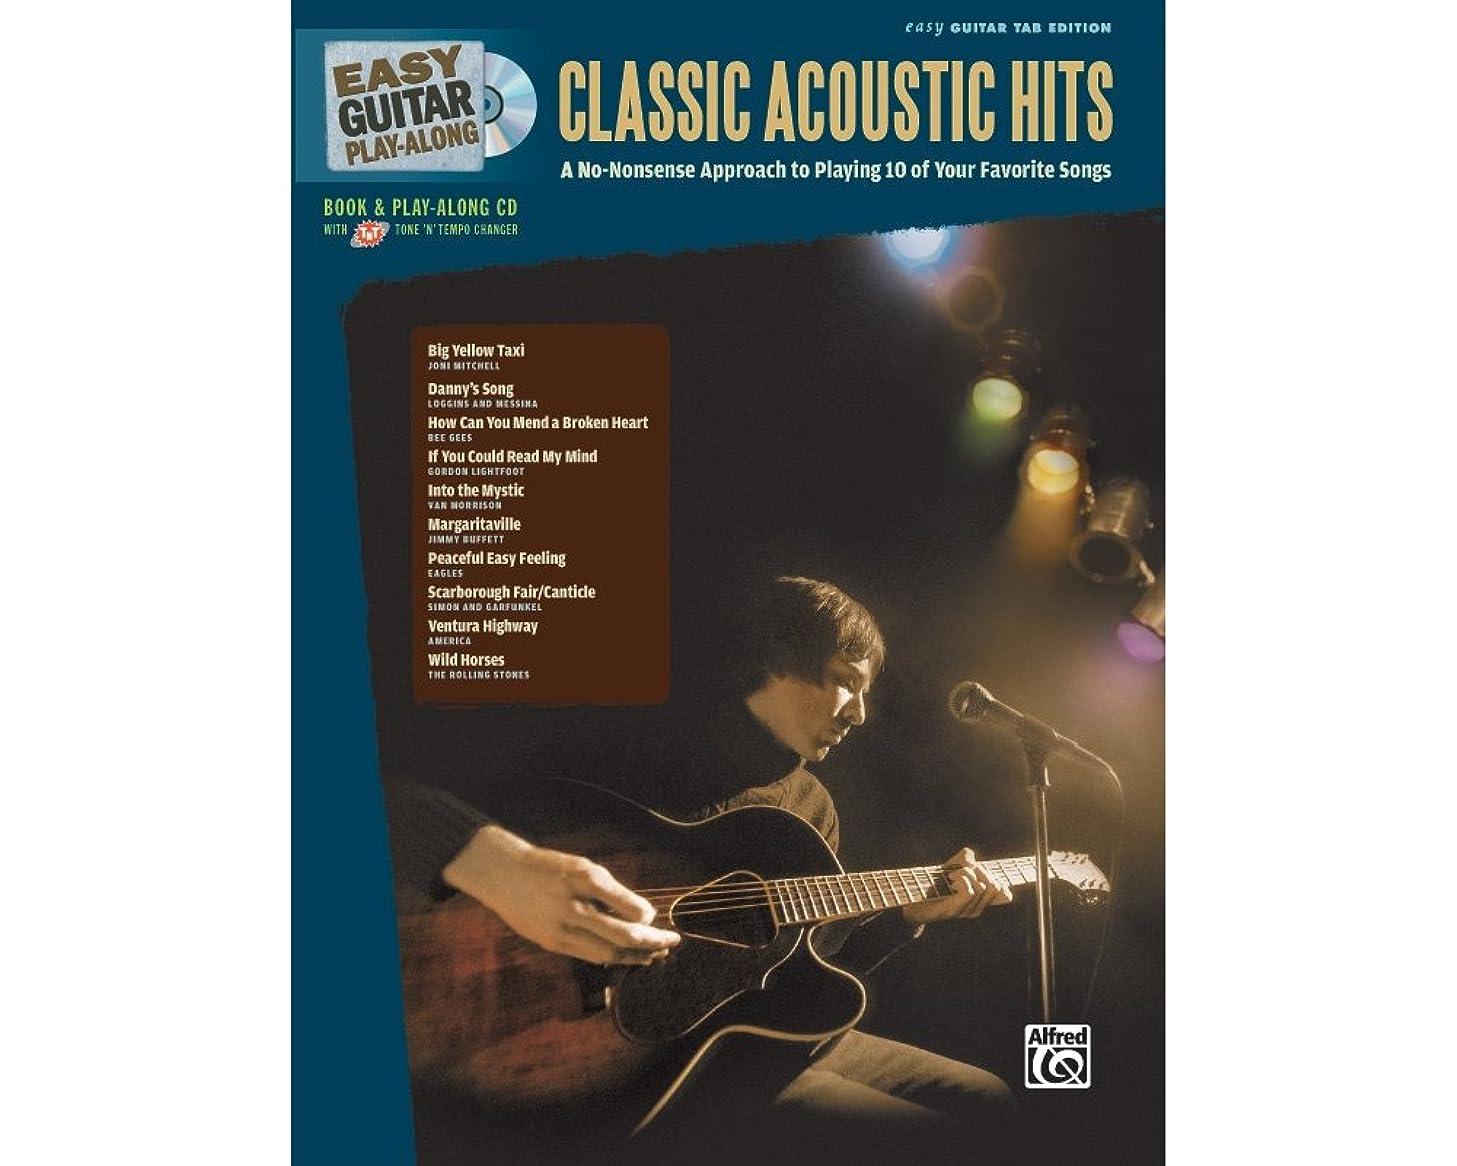 パイシンジケート火Alfred Easy Guitar Play-Along: Classic Acoustic Hits (Book/CD) アコースティックギター アコギ ギター (並行輸入)